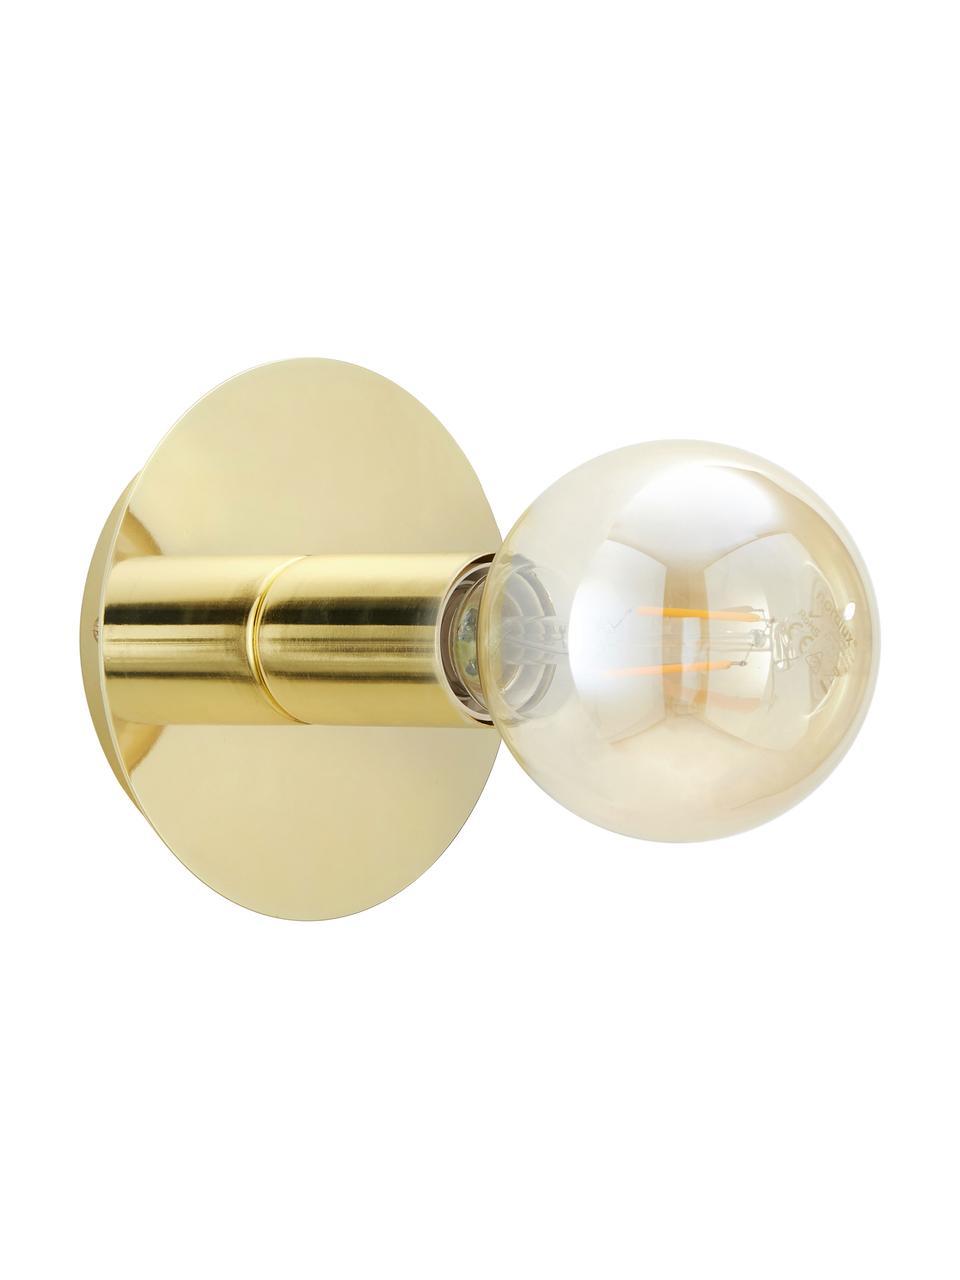 Lampada da parete e soffito dorata Percy, Lampada: metallo ottonato, Ottone lucido, Ø 14 x Prof. 9 cm